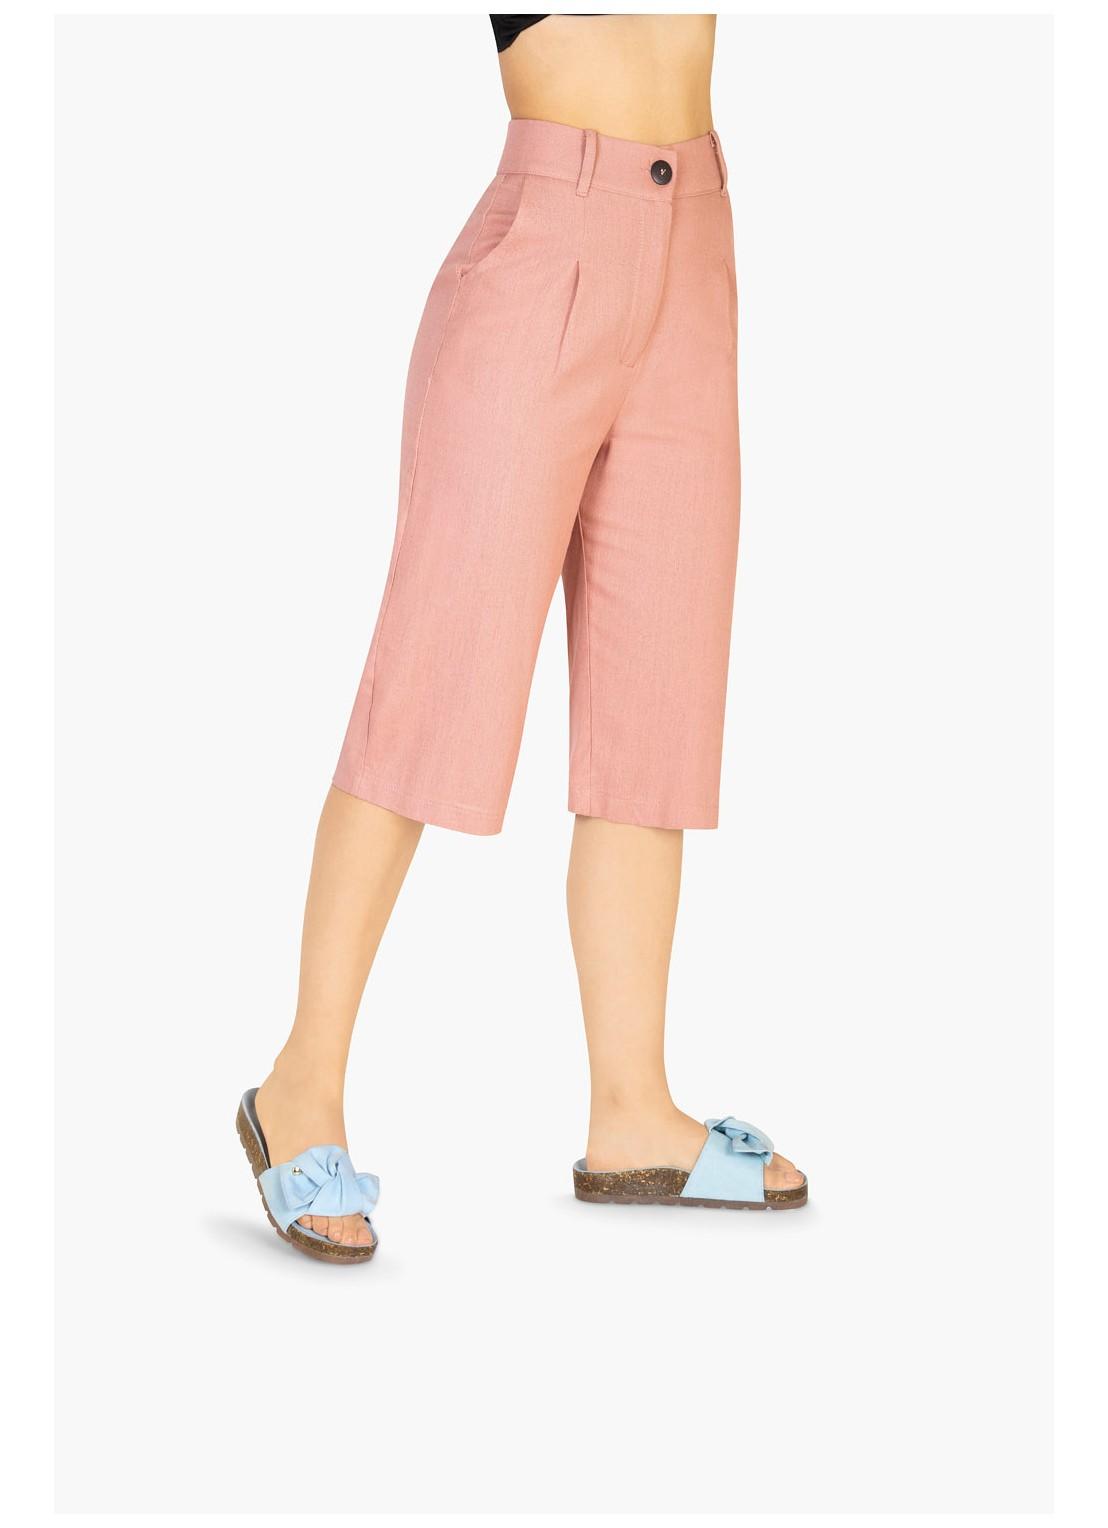 Pantalón capri rosa